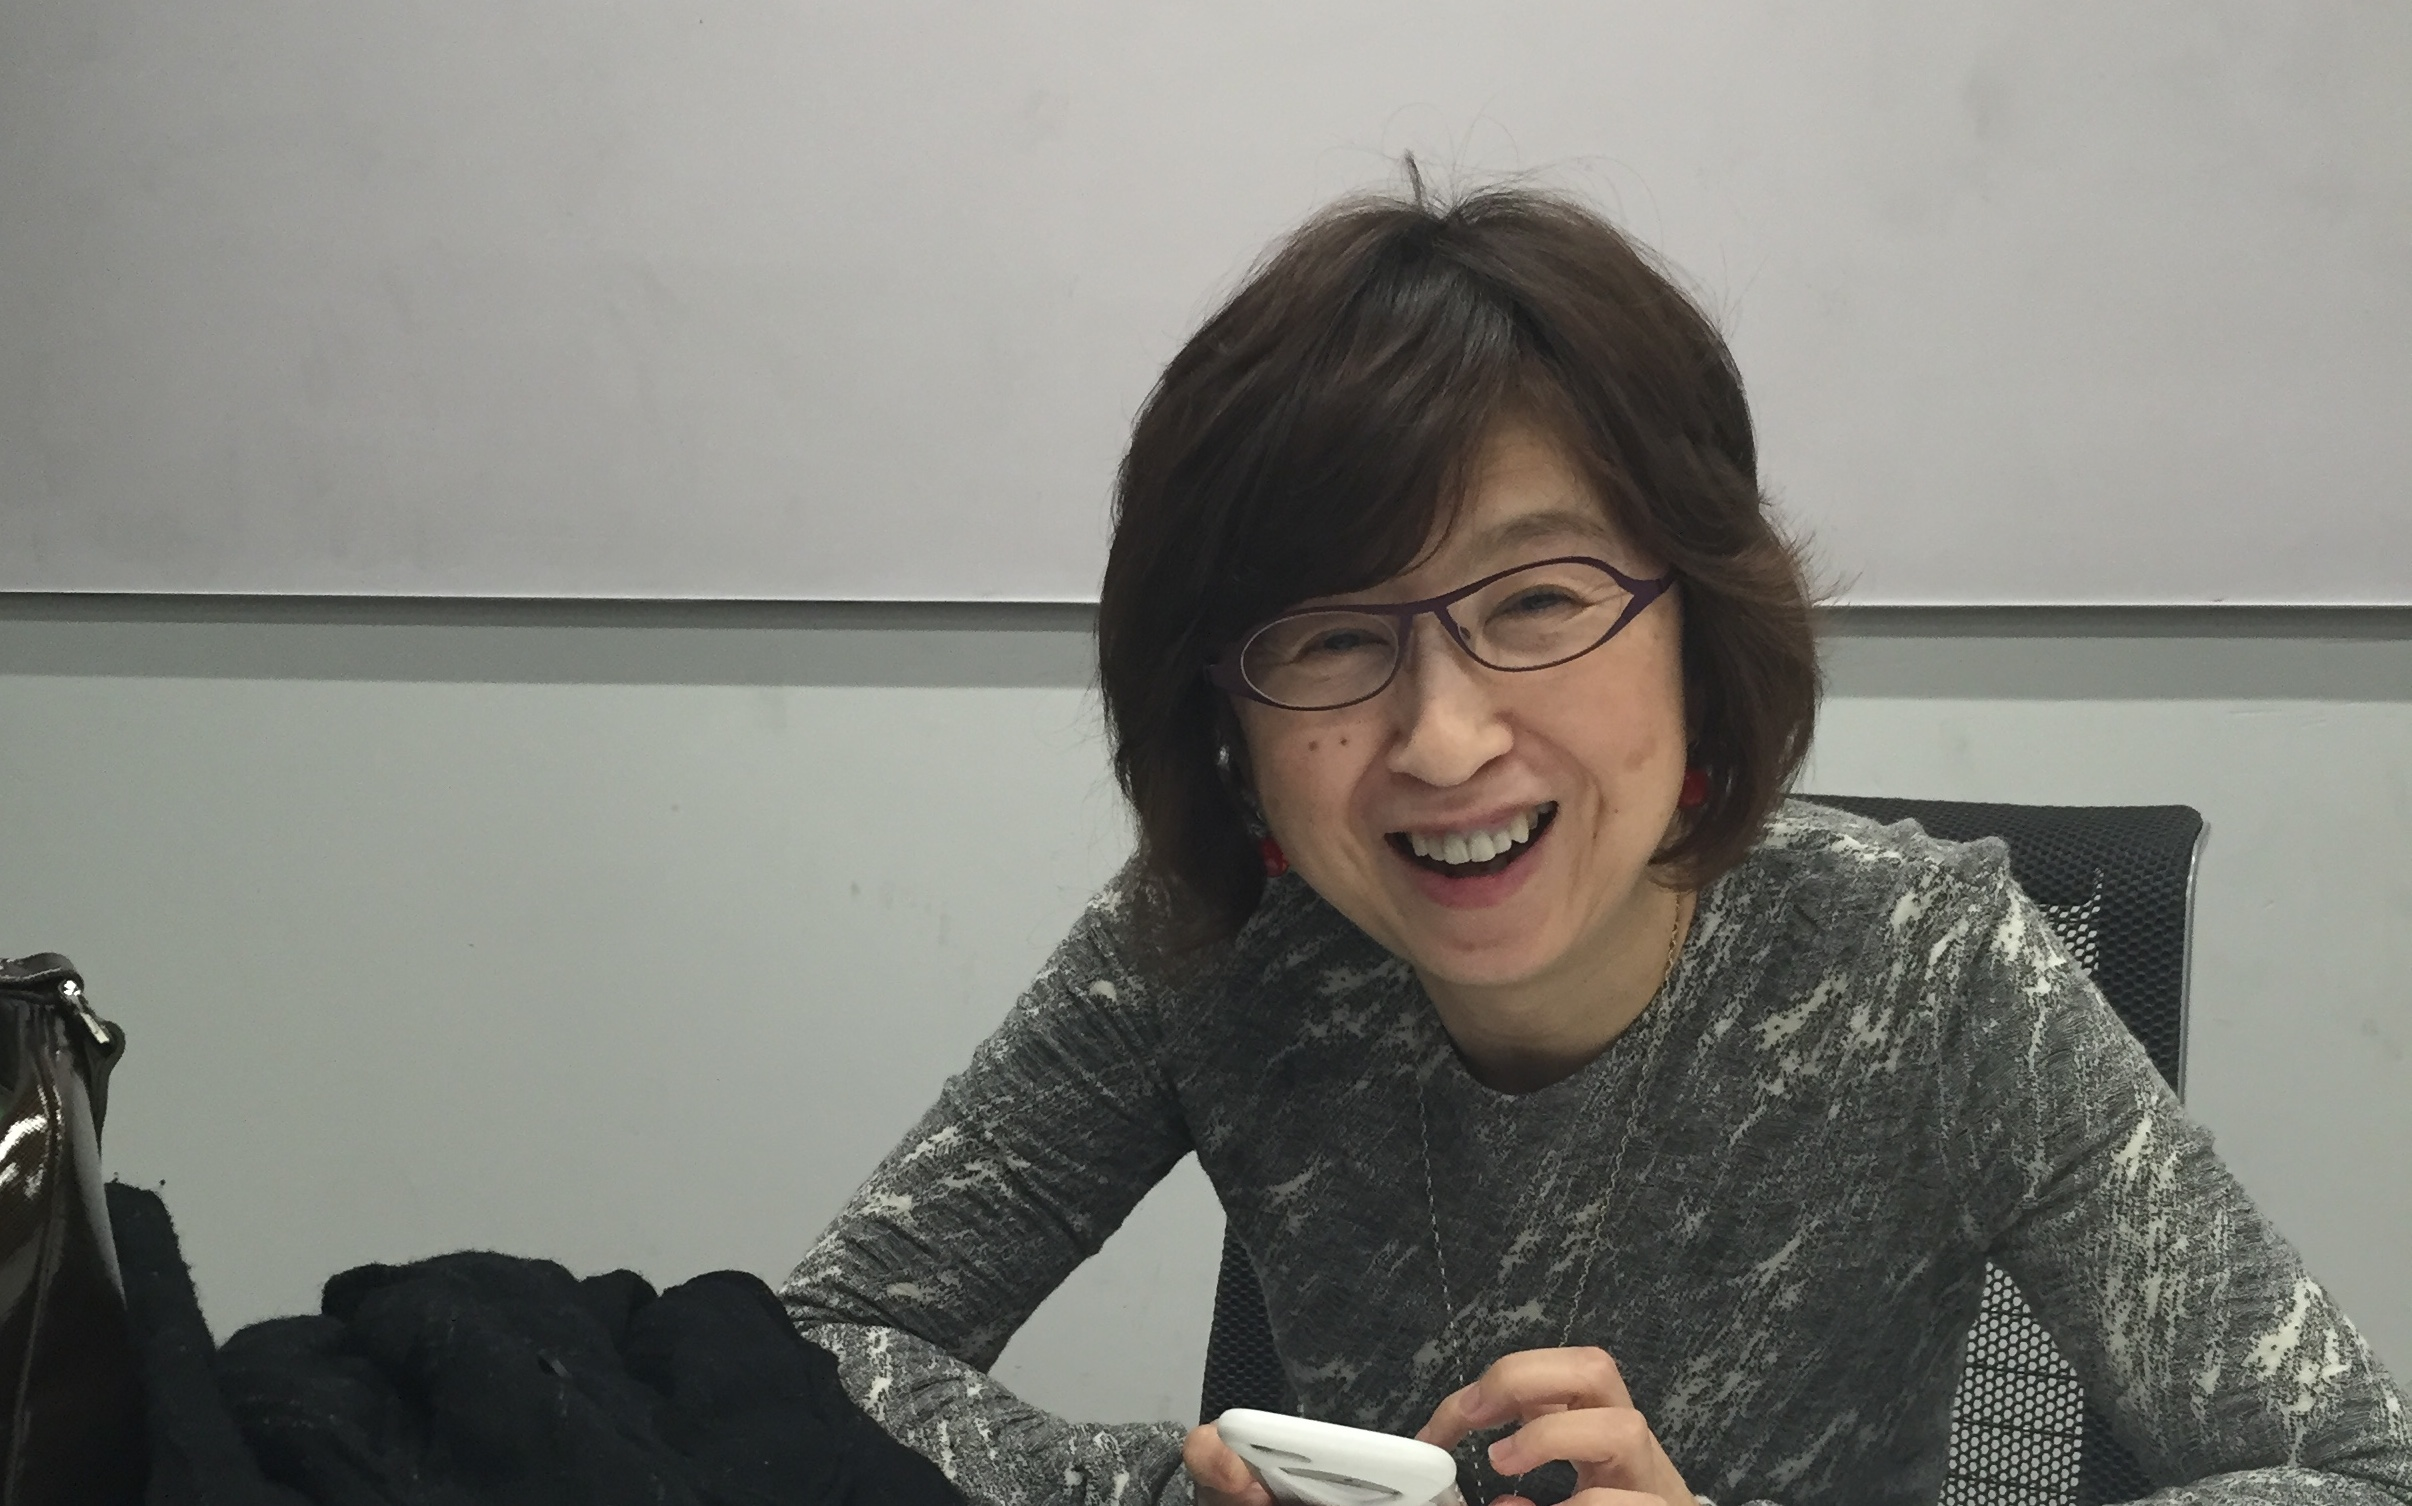 株式会社ディー・エヌ・エー南場智子会長 カバン持ちインターン体験記